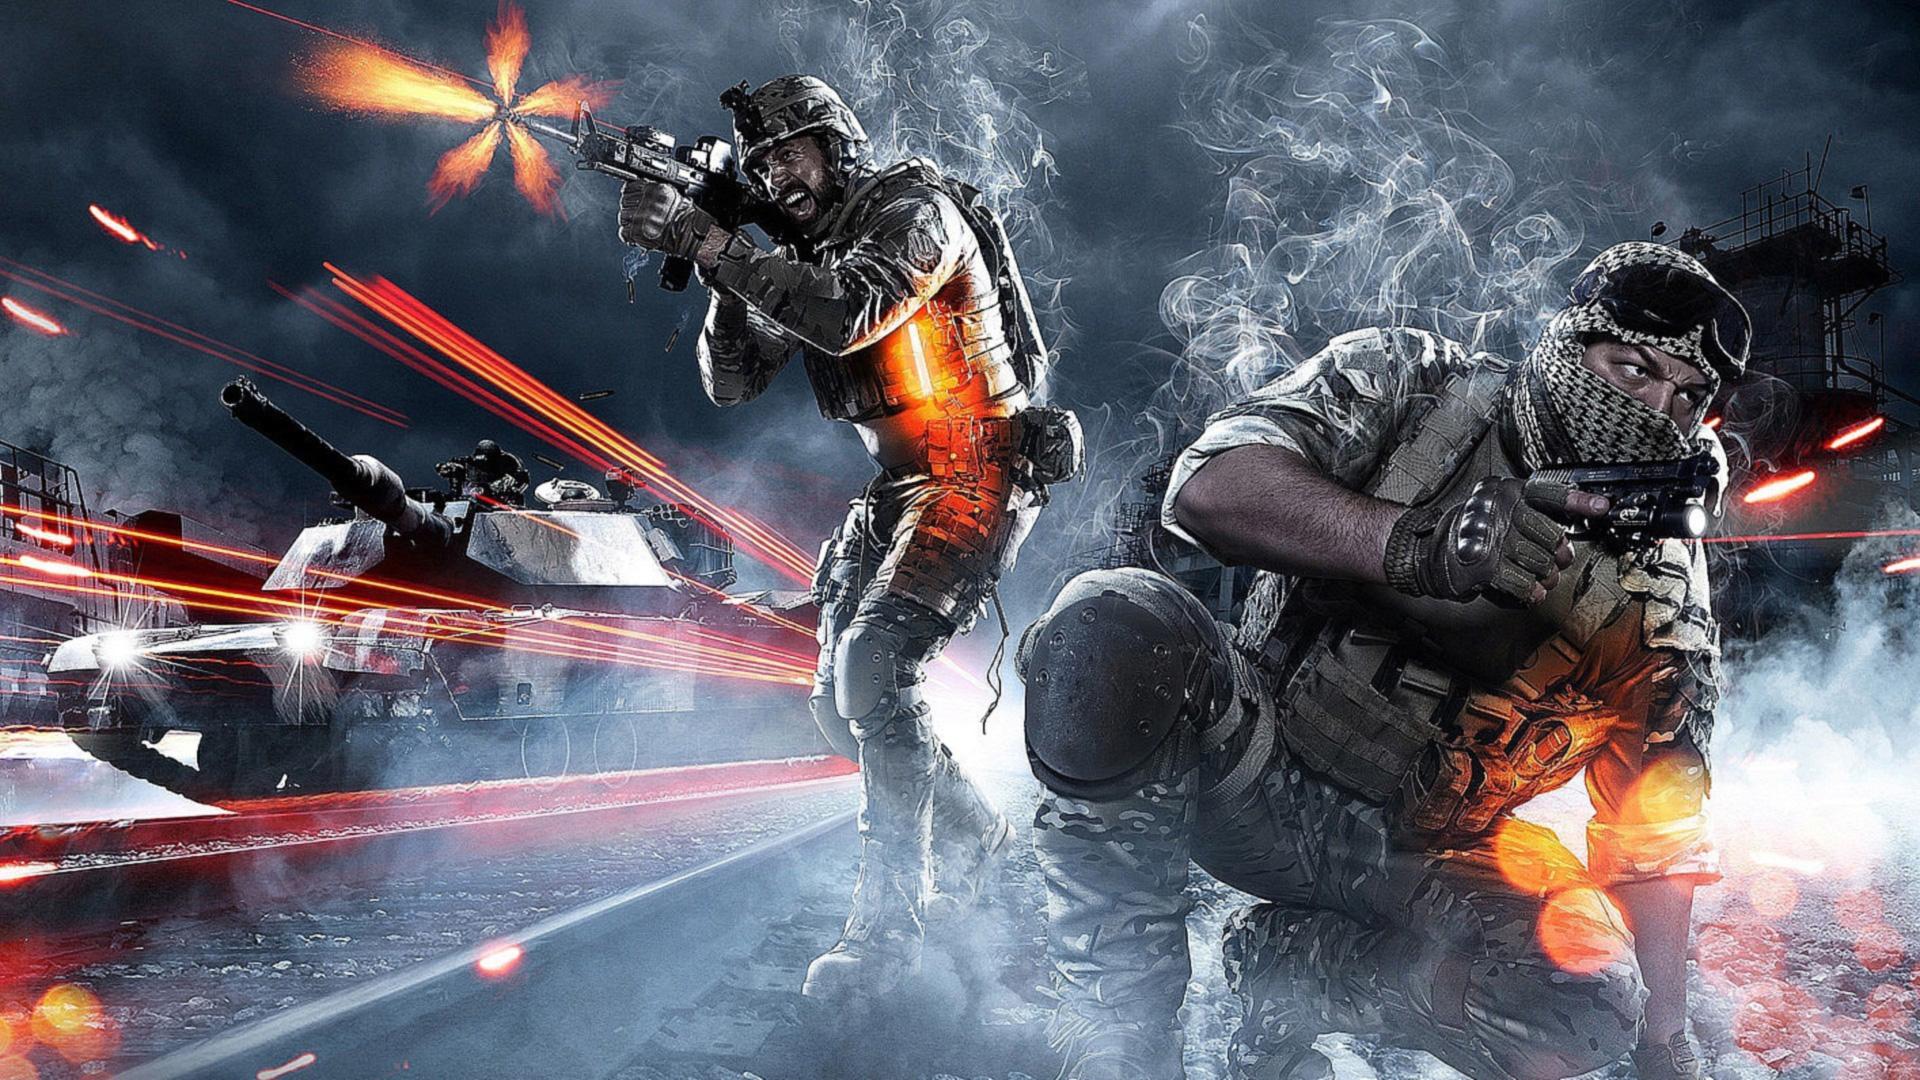 Battlefield 1 4k Ultra Tapeta Hd: Wallpaper #27, Tapeta Z Gry Battlefield 3